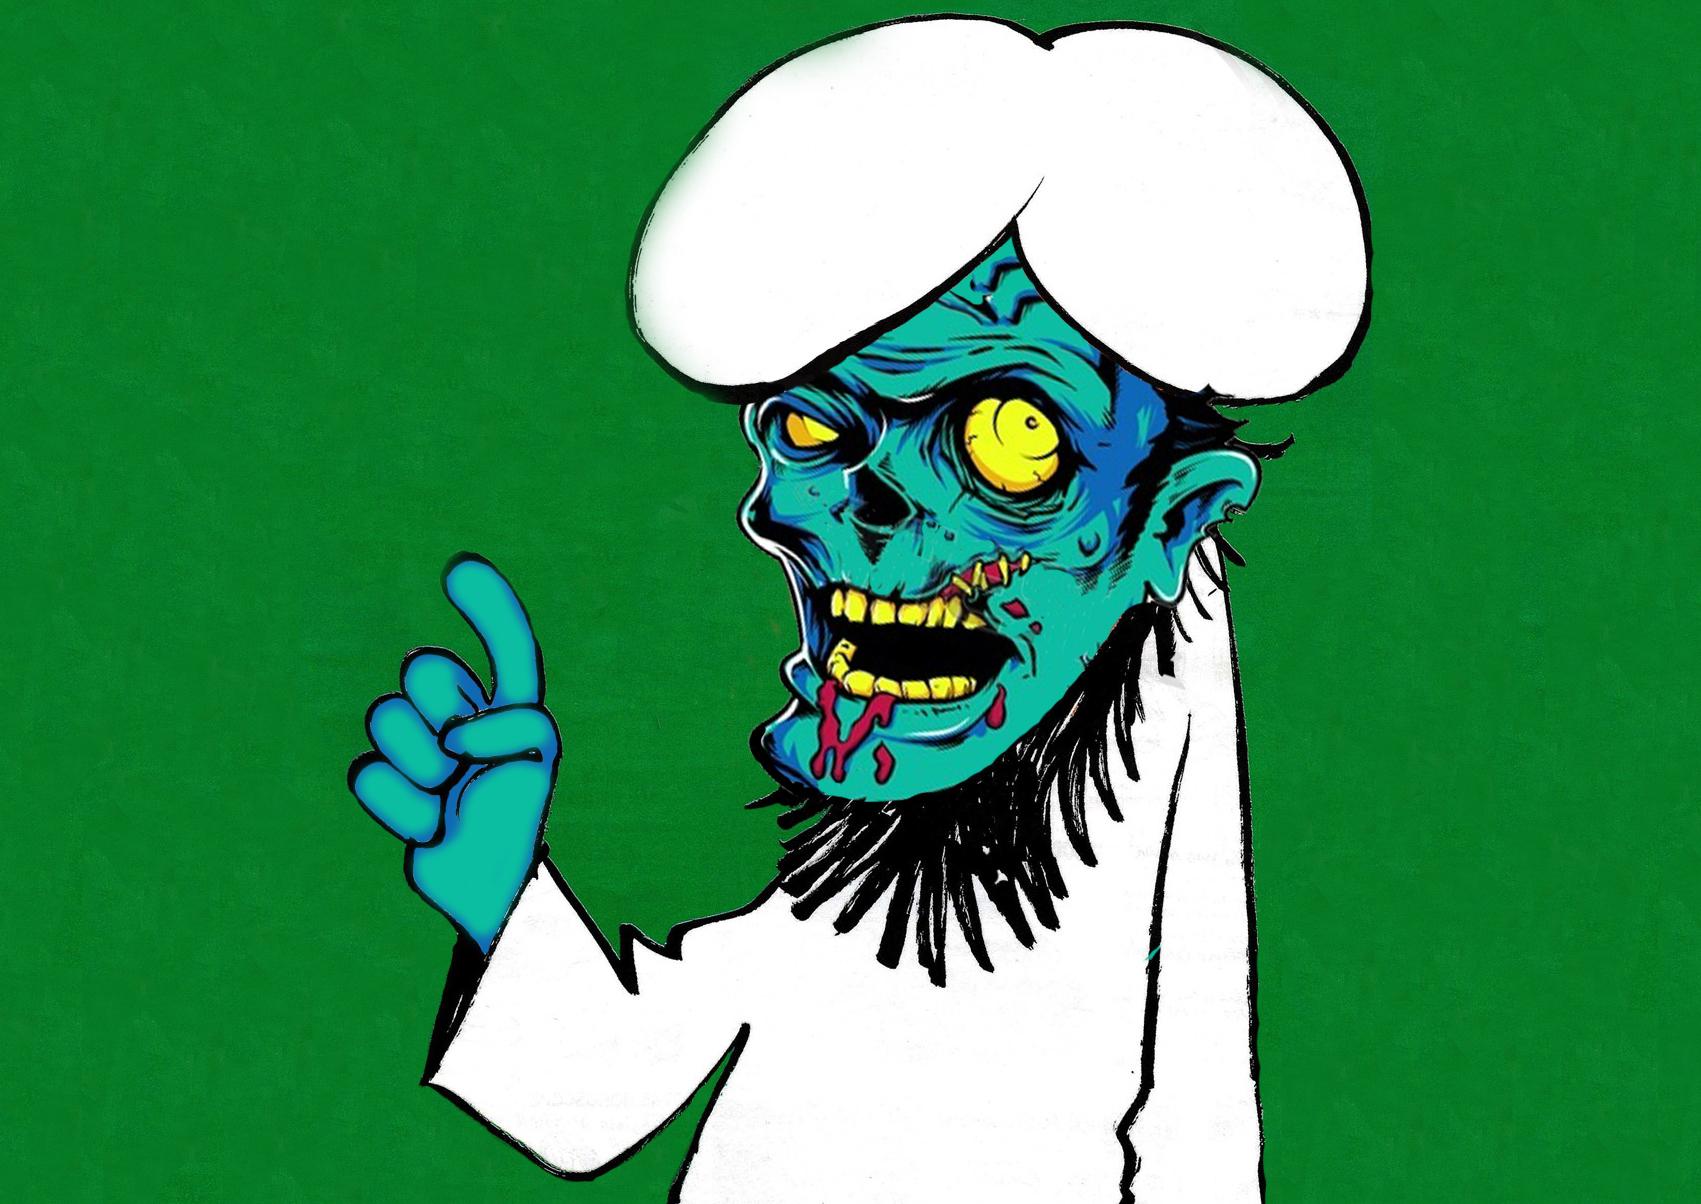 Je suis créature musulmane